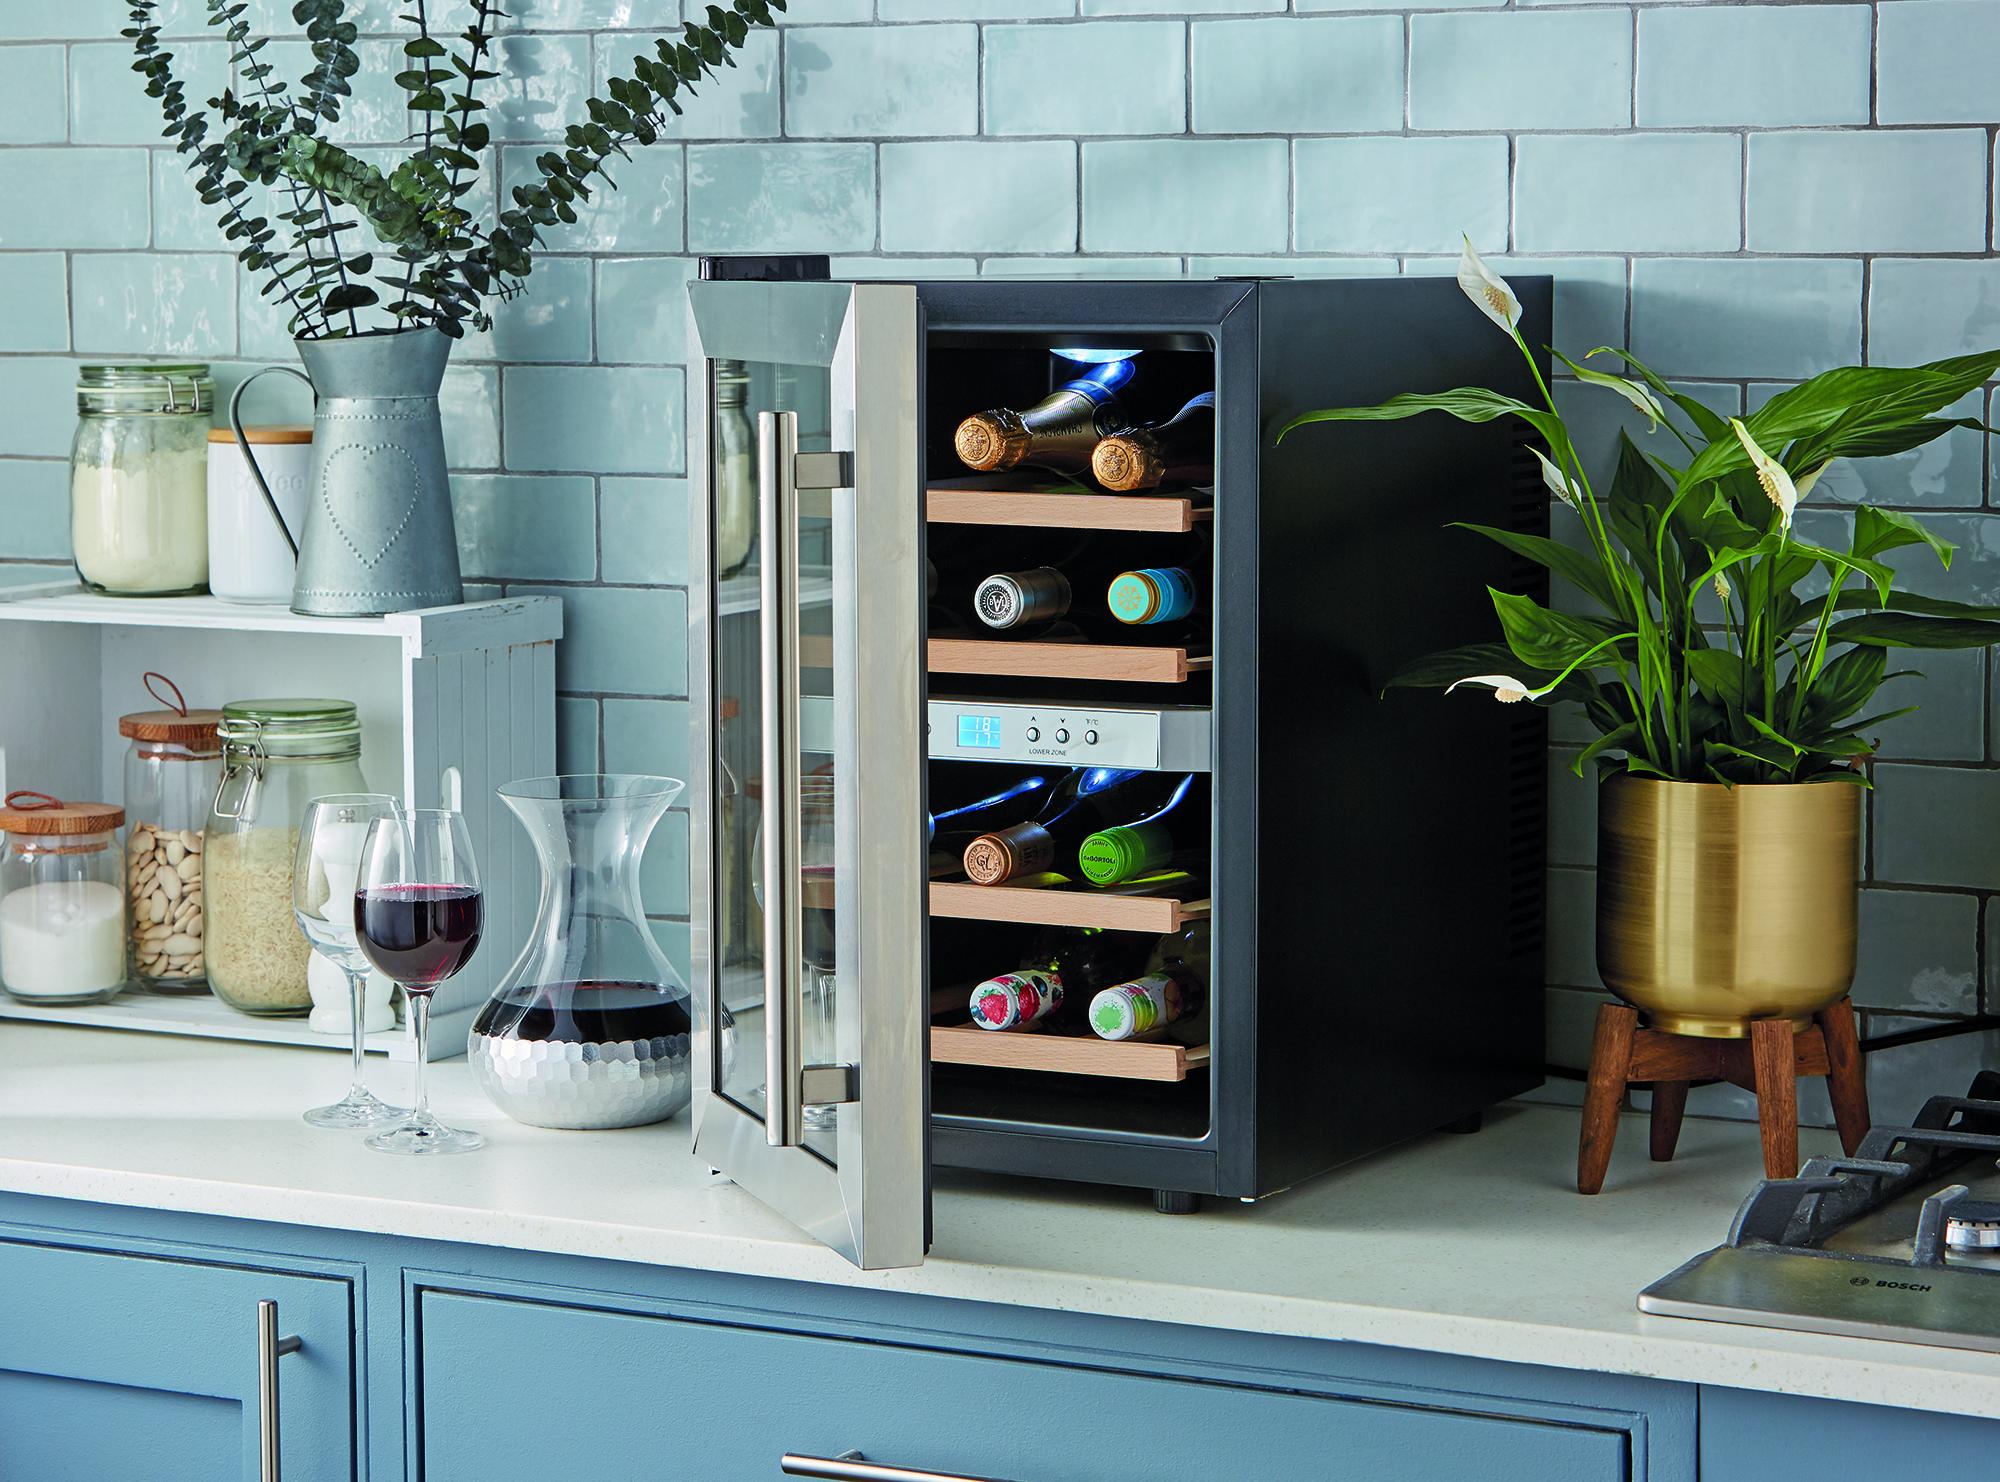 Aldi Specialbuys wine cooler